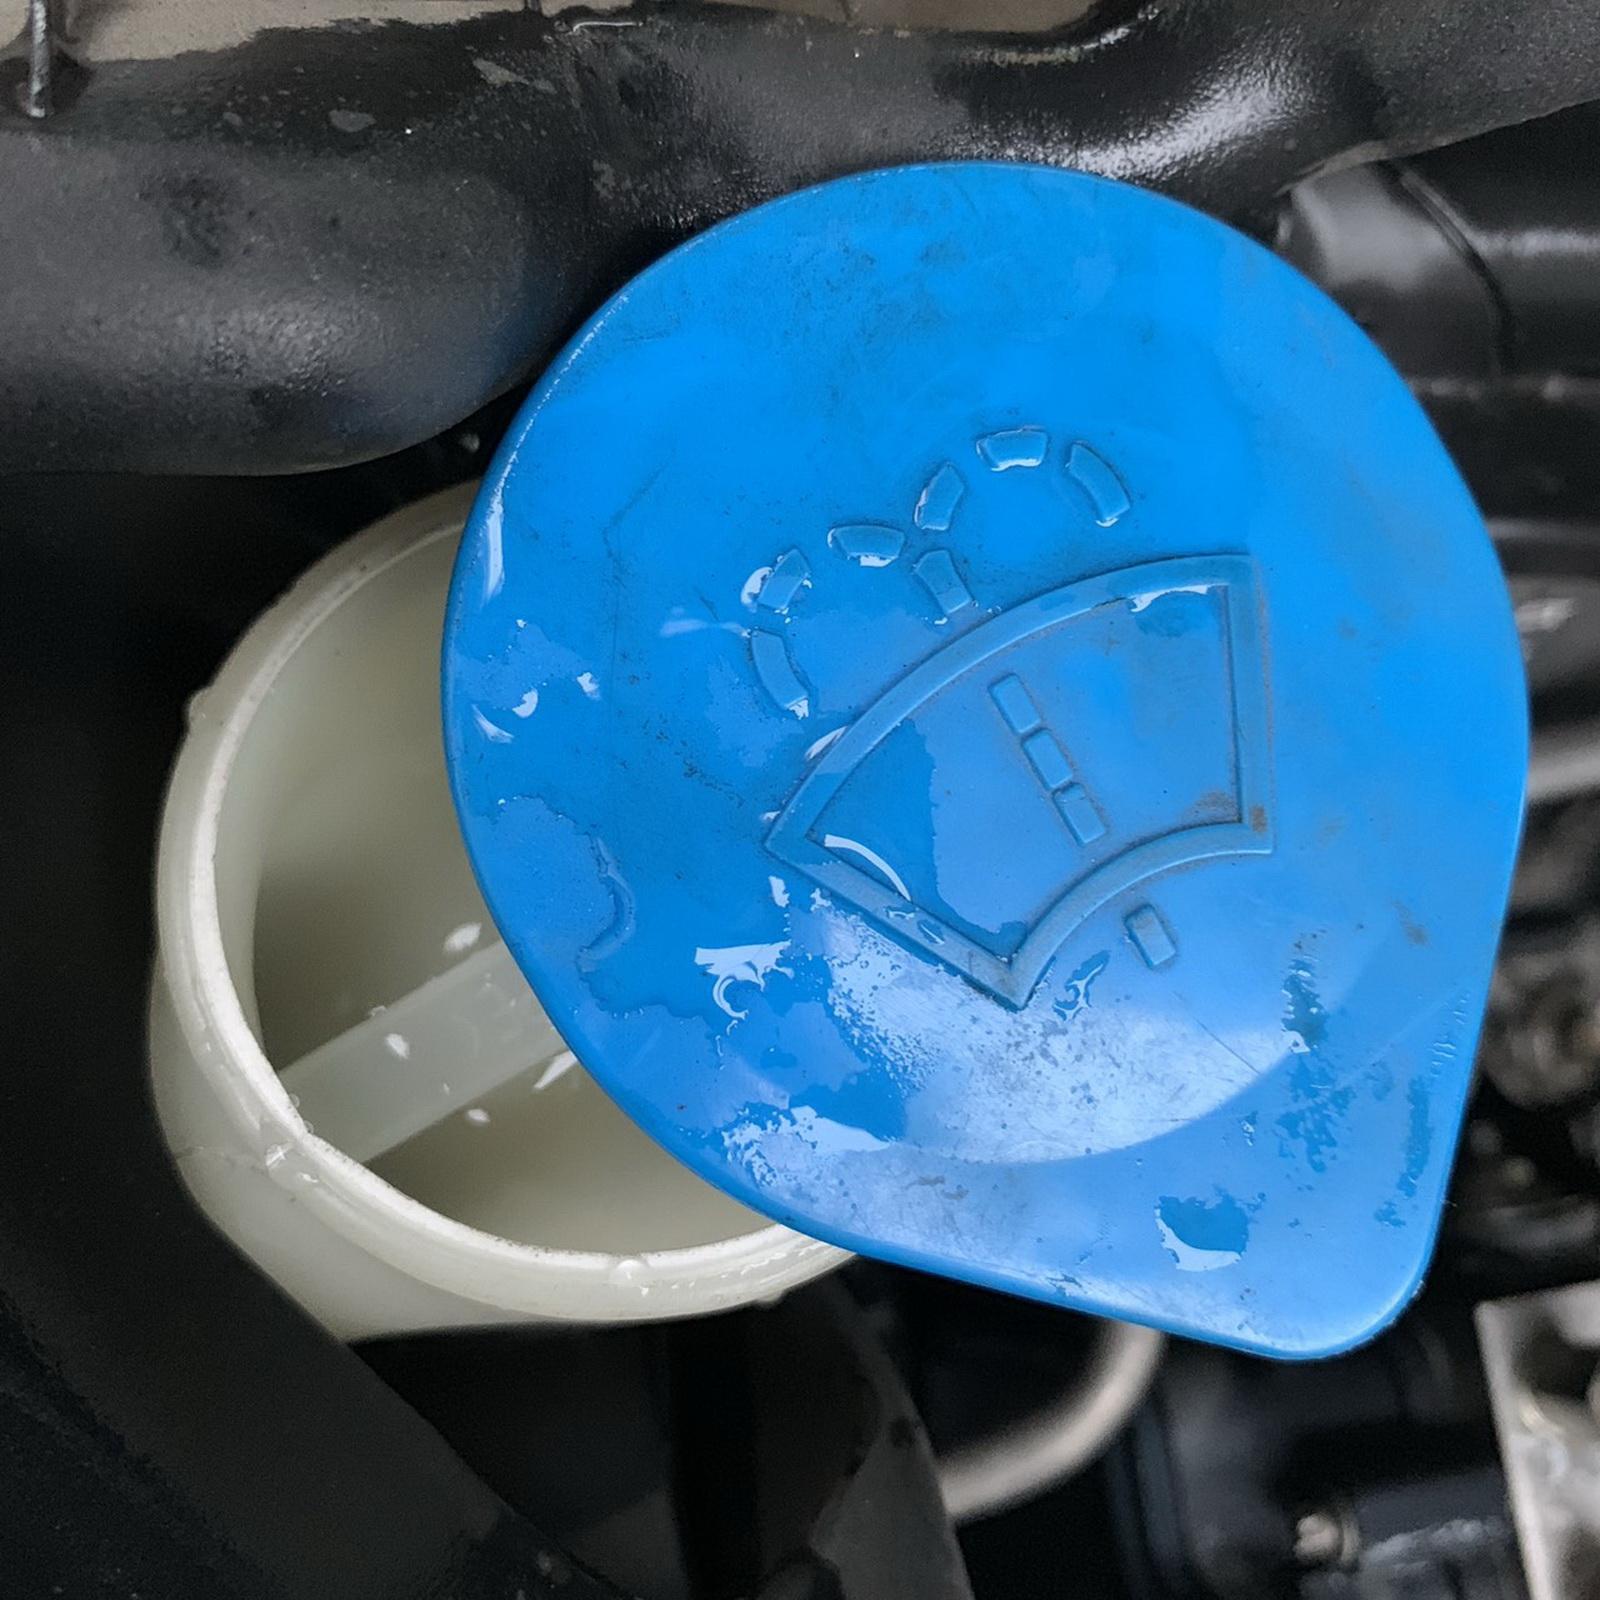 圖/▲雨刷水蓋打開後可加入清水或雨刷精。